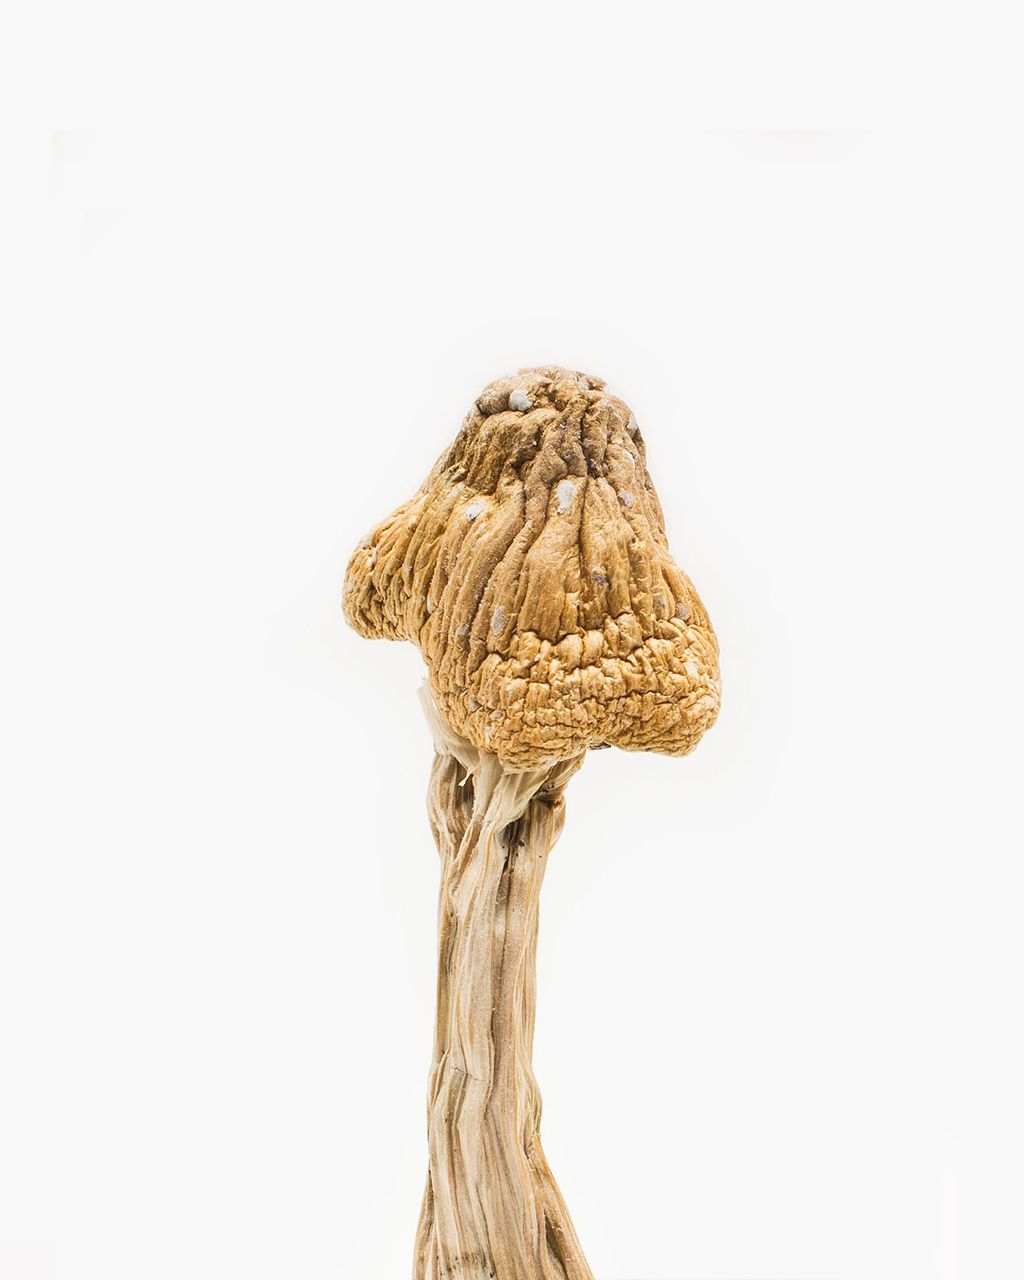 Tri-coloured Ecuadorian Mushrooms